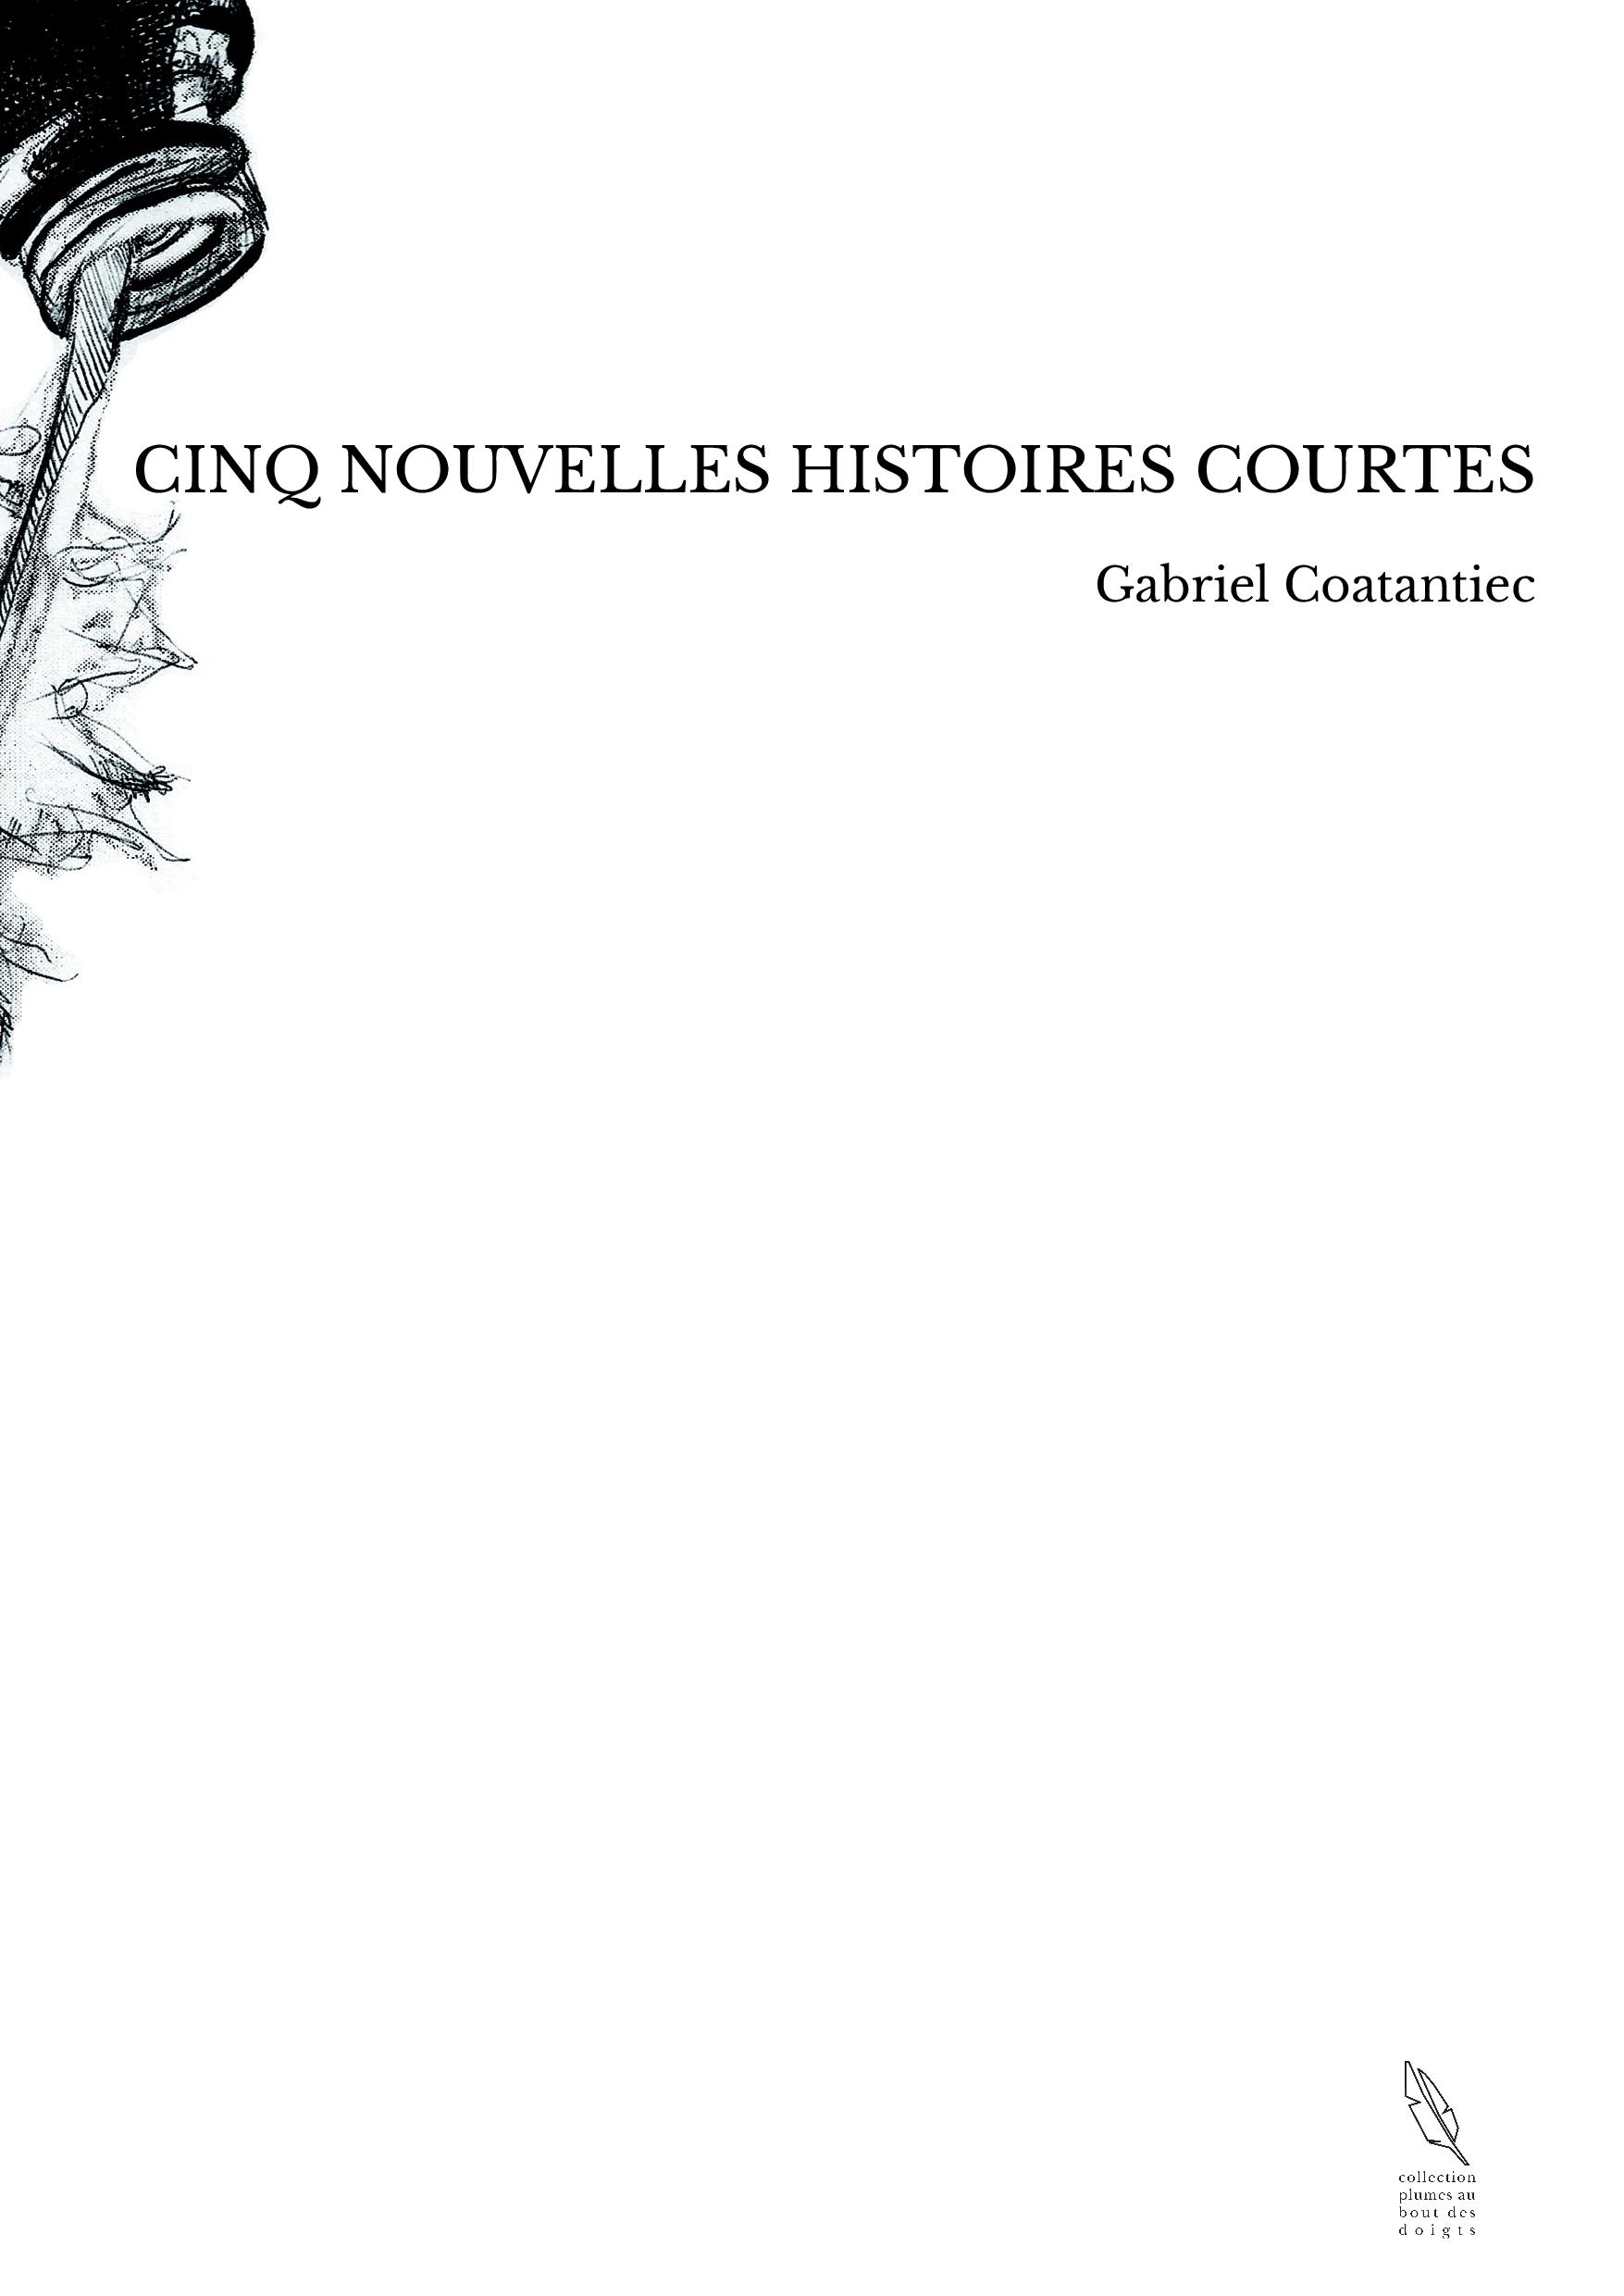 CINQ NOUVELLES HISTOIRES COURTES